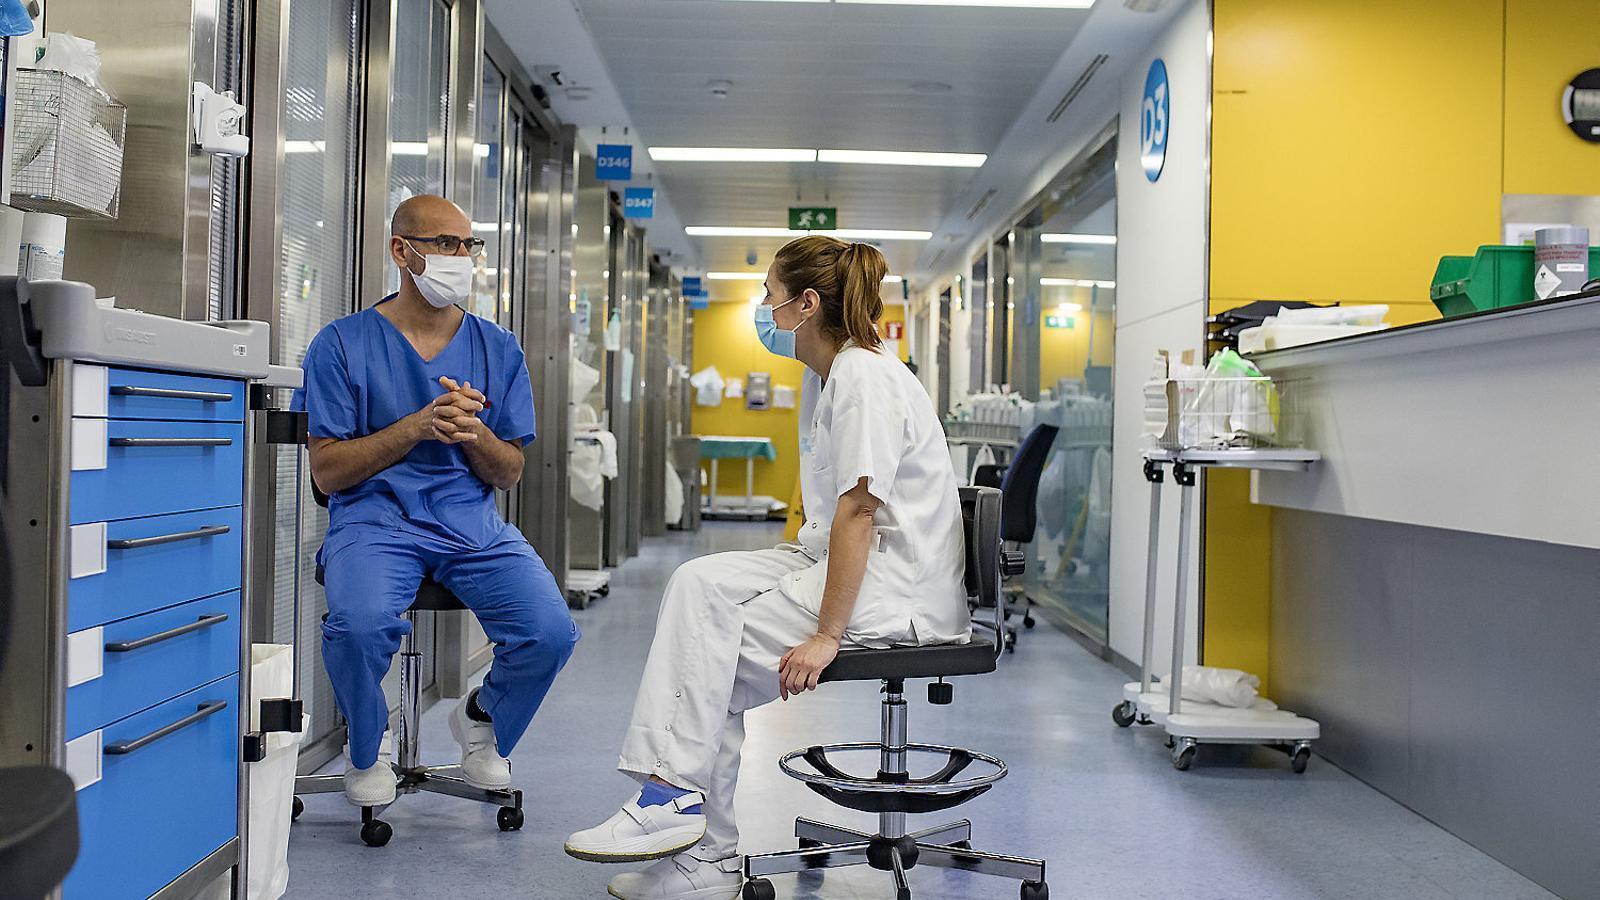 Els hospitals engeguen la seva pròpia desescalada